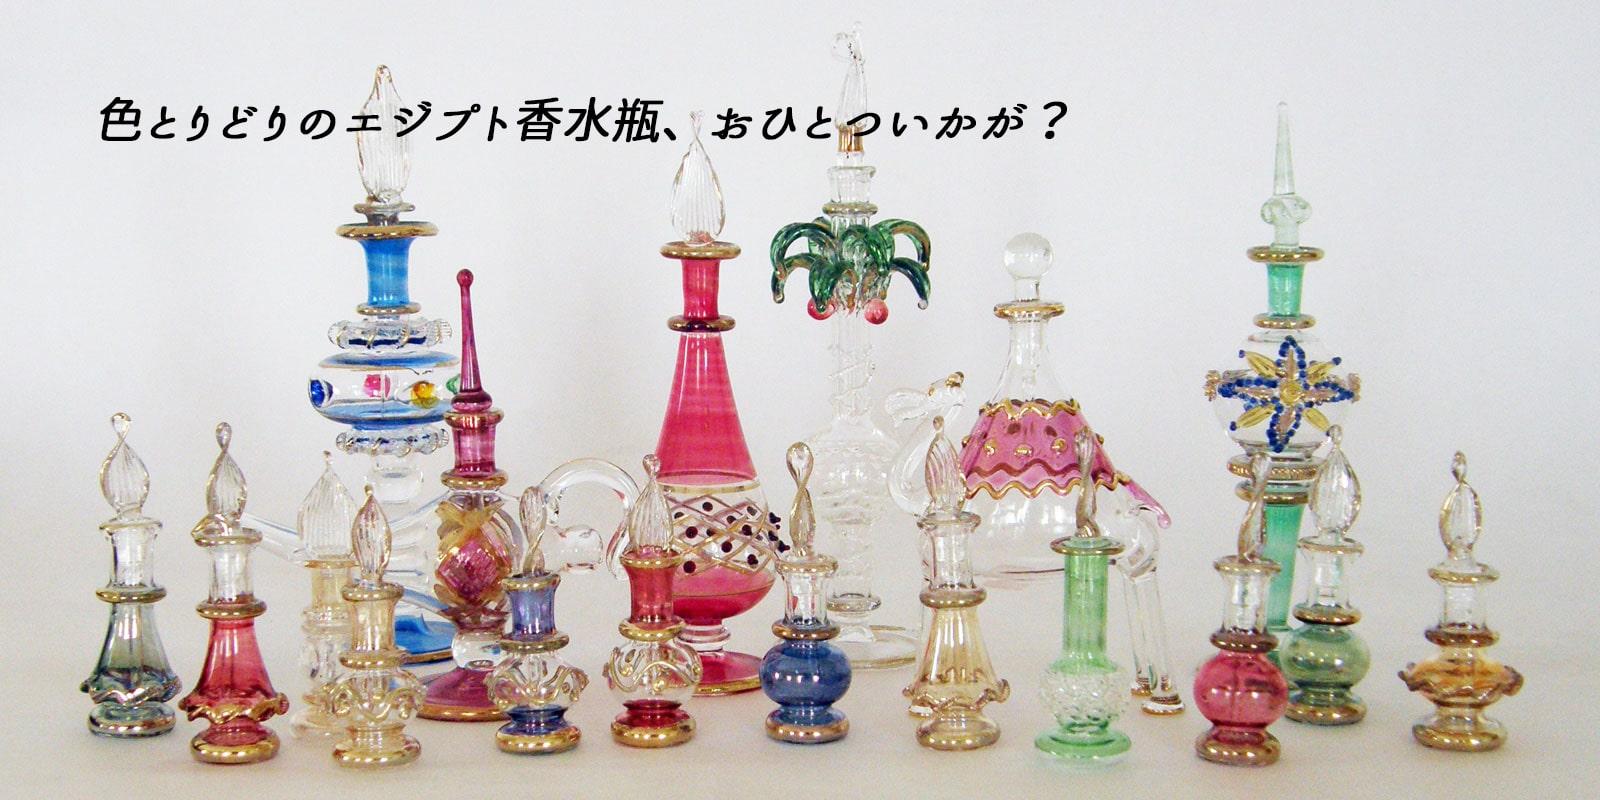 色とりどりのエジプト香水瓶、おひとついかが?